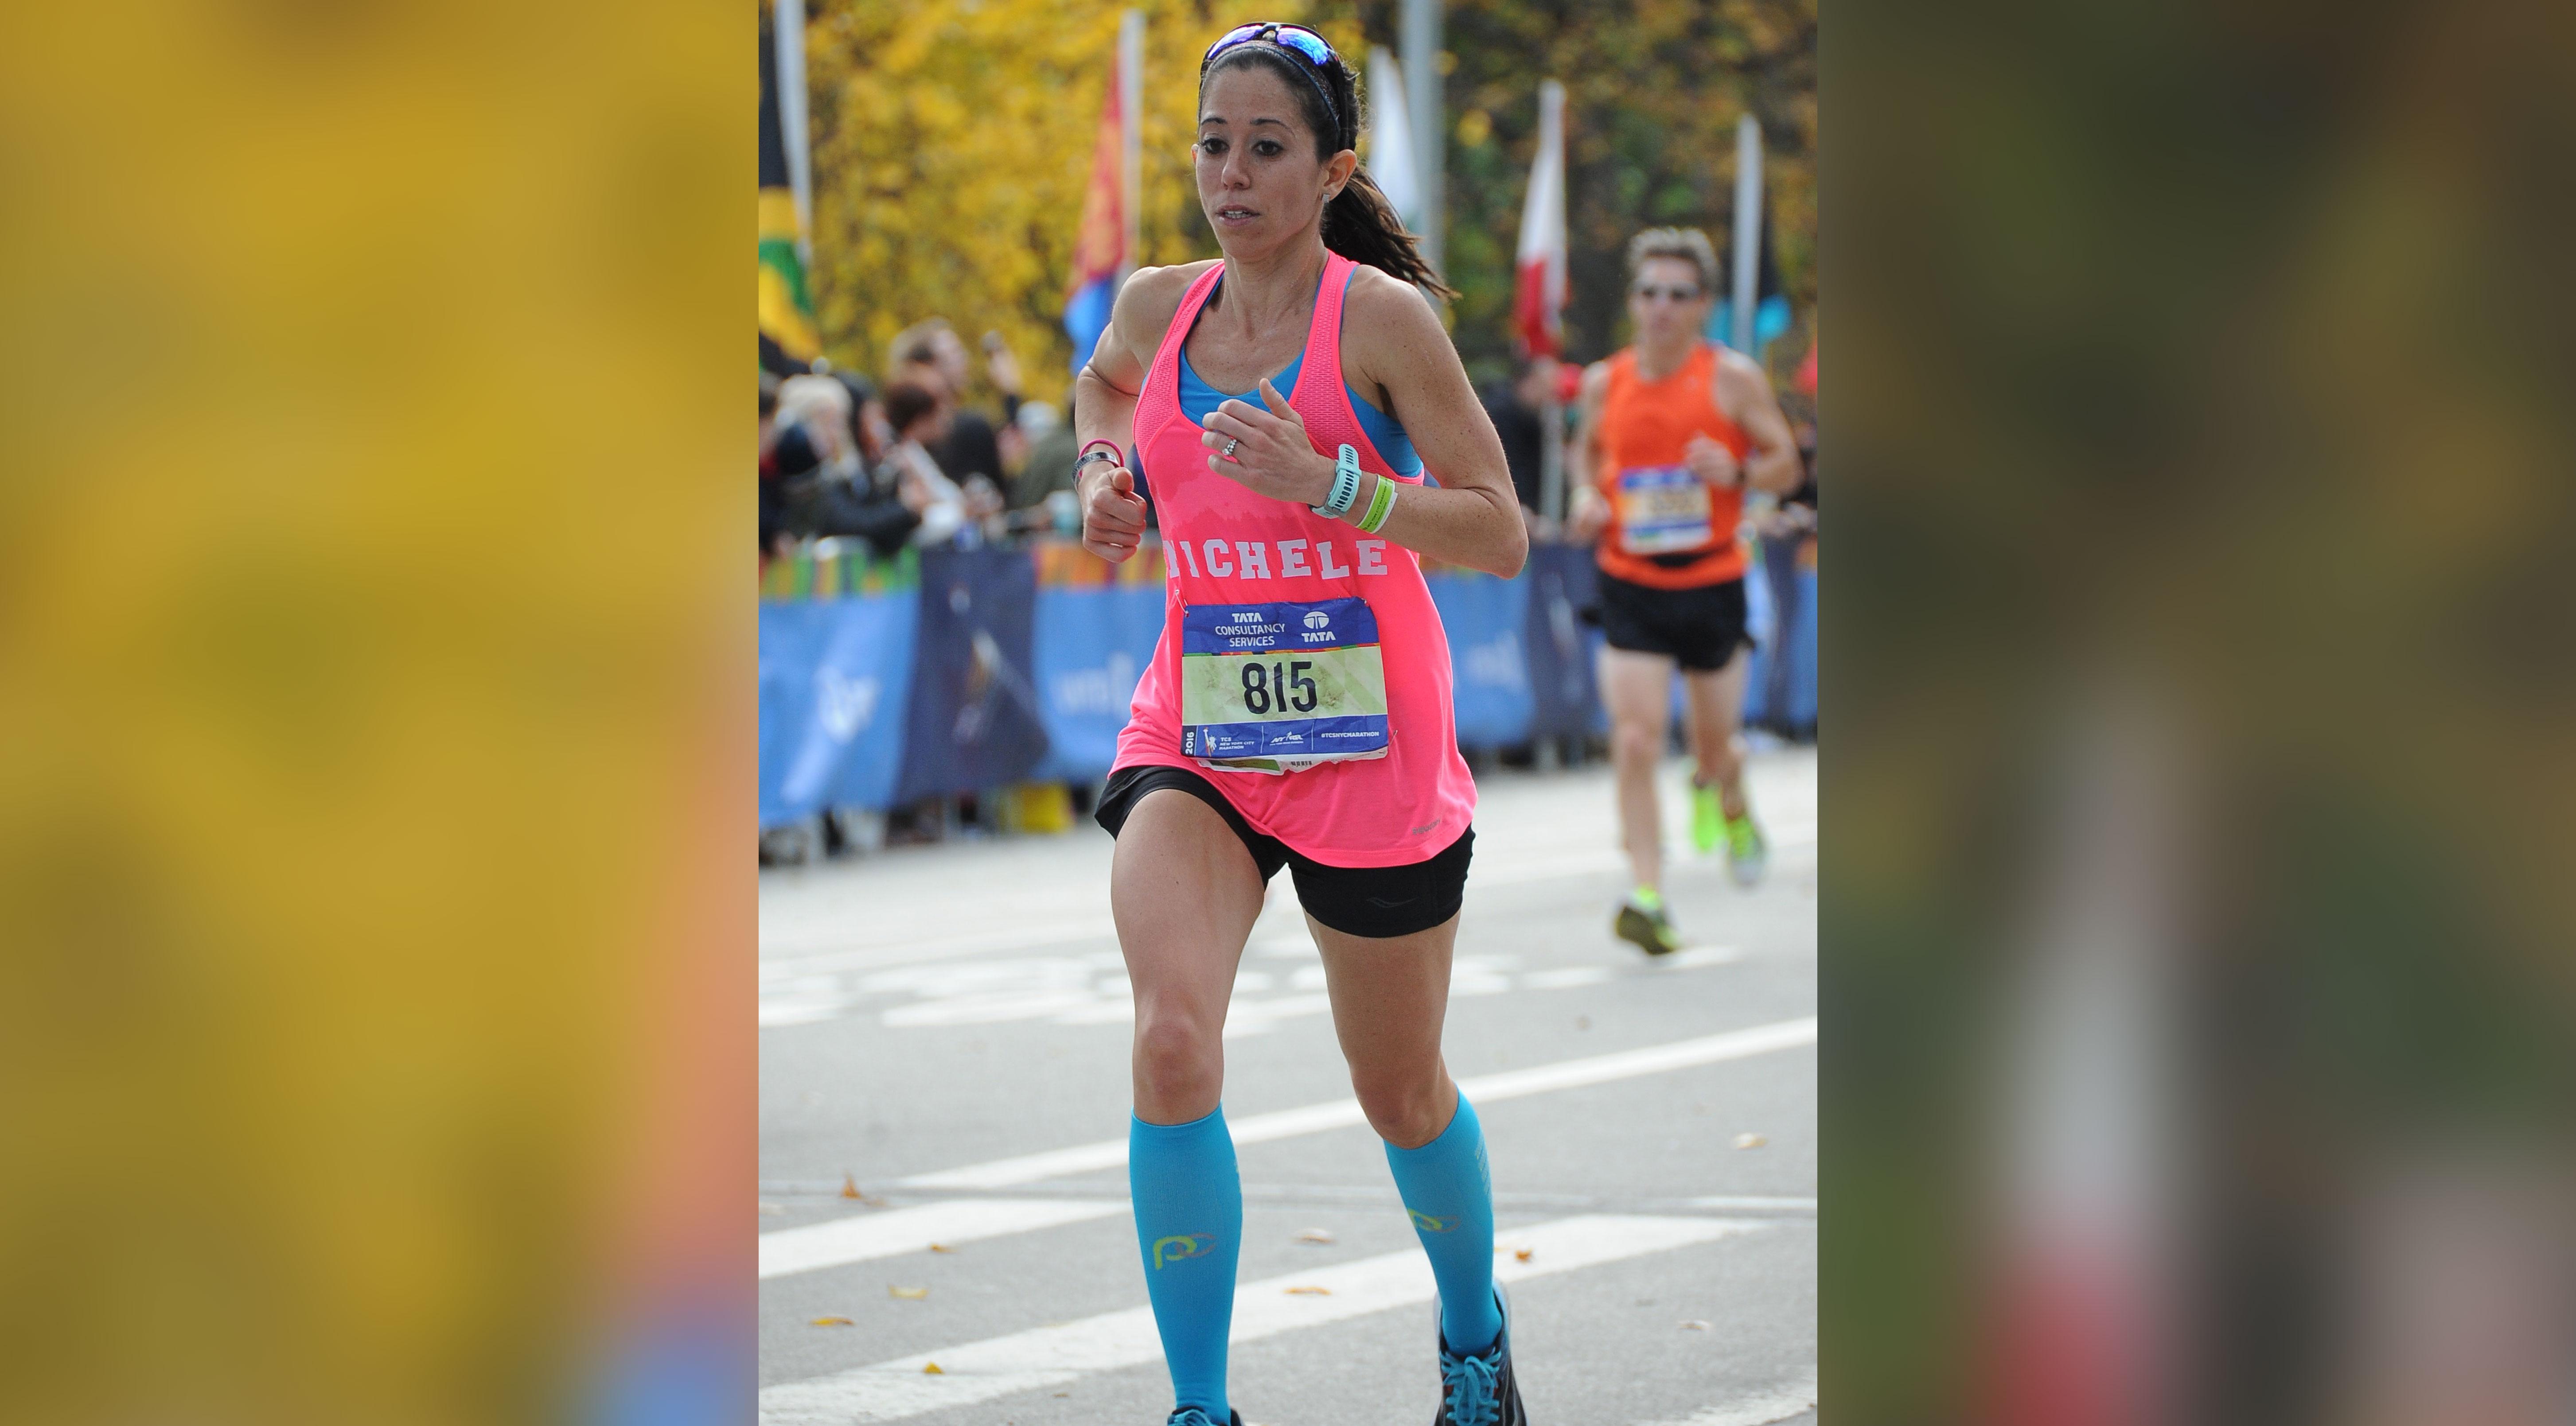 Michele Gonzalez Running New York Marathon